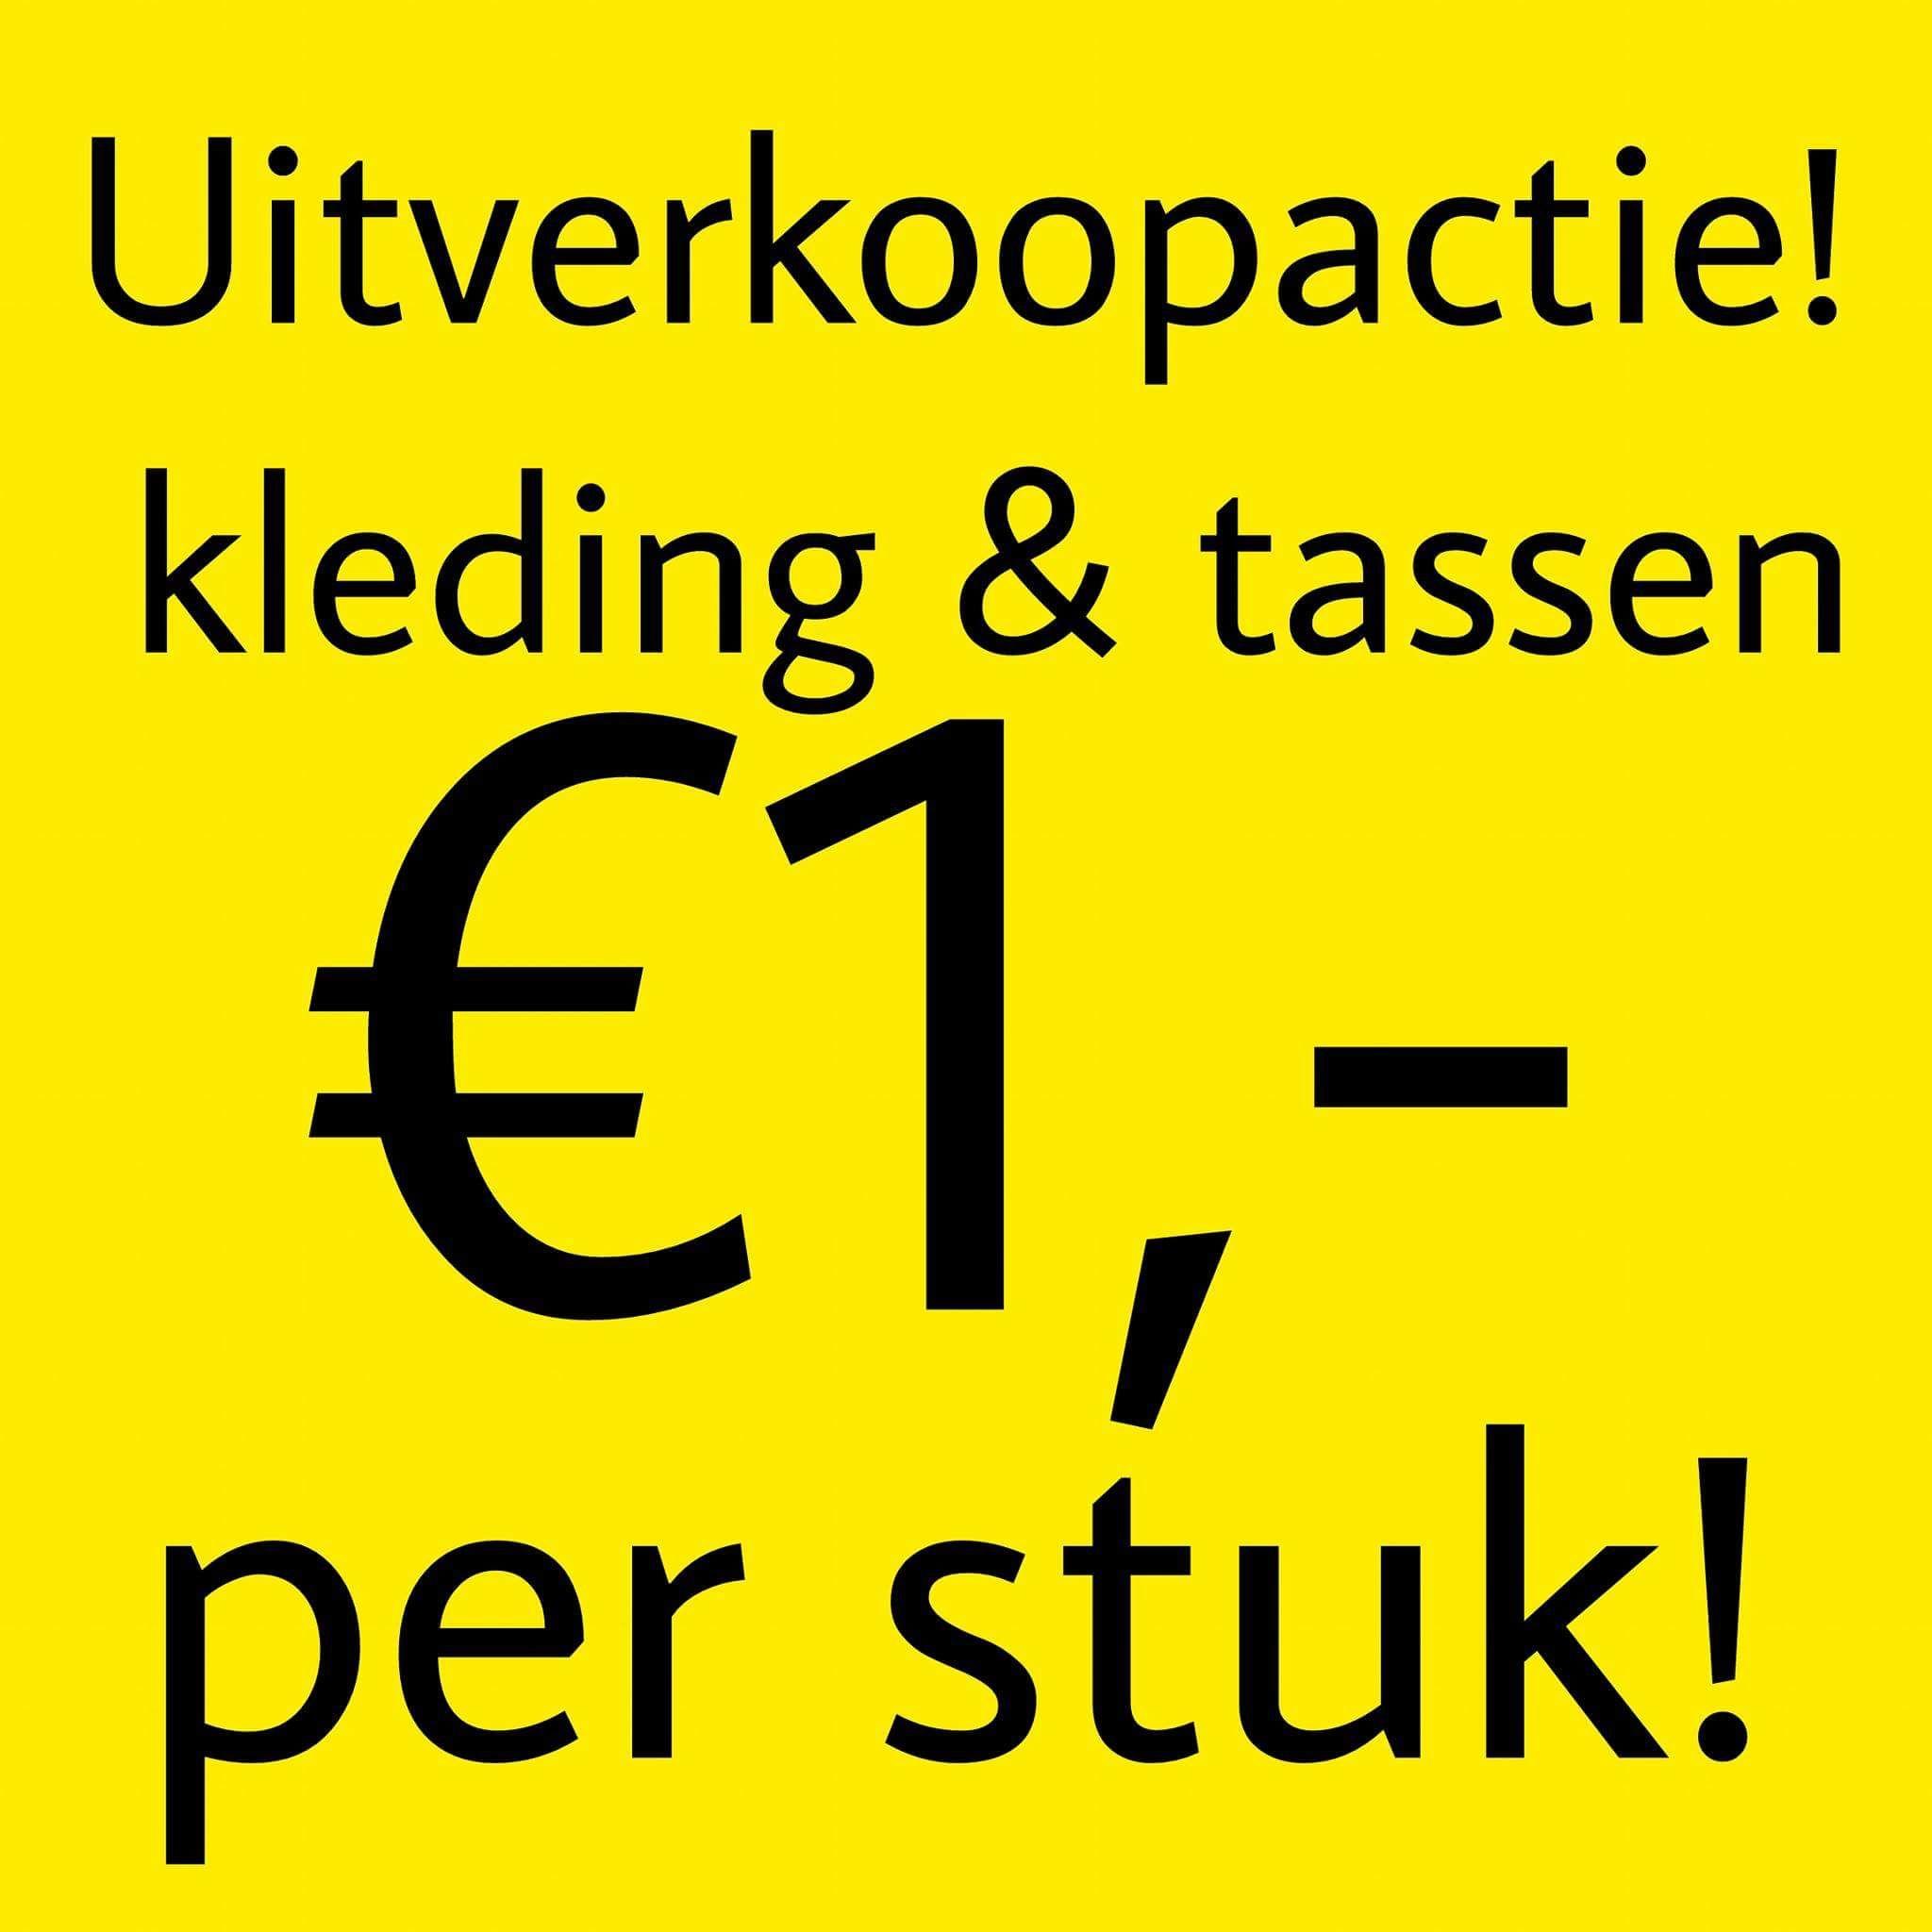 Vanaf morgen alle kleding en tassen €1,- per stuk bij Prijsmepper Roermond